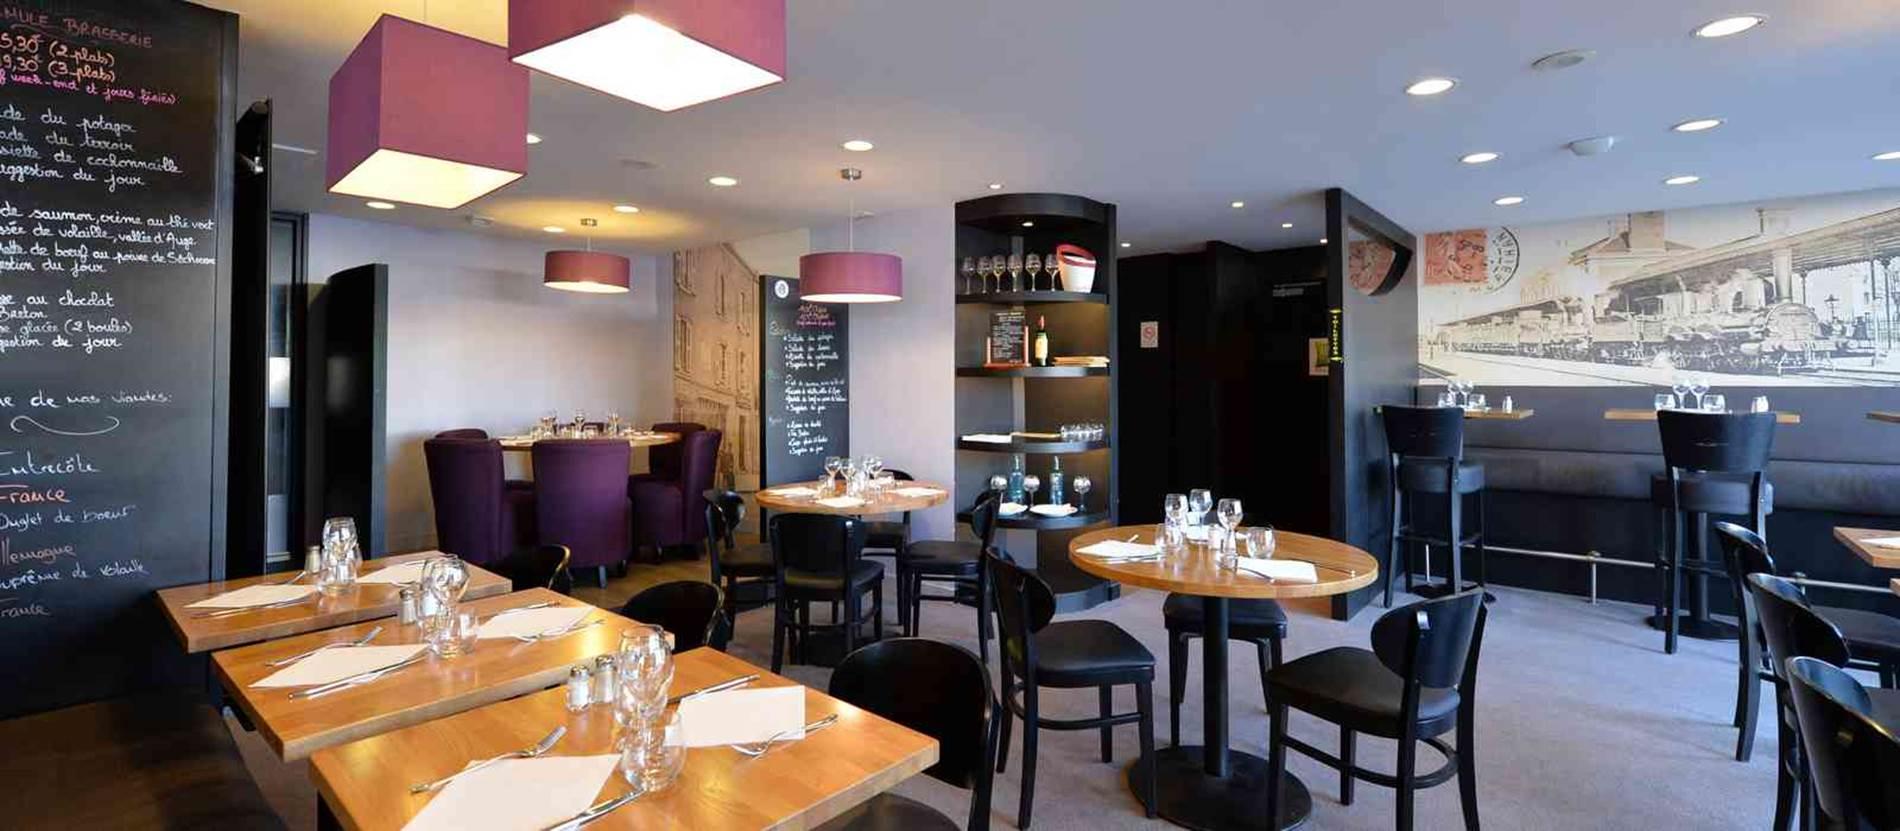 hotel-ibis-styles-vannes-restauration © hotel-ibis-styles